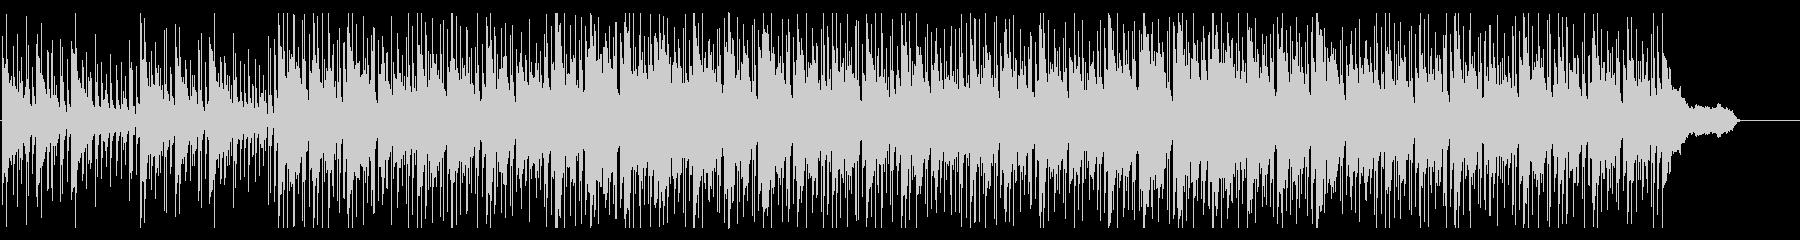 落ち着いたおだやかなコーポレートBGMの未再生の波形